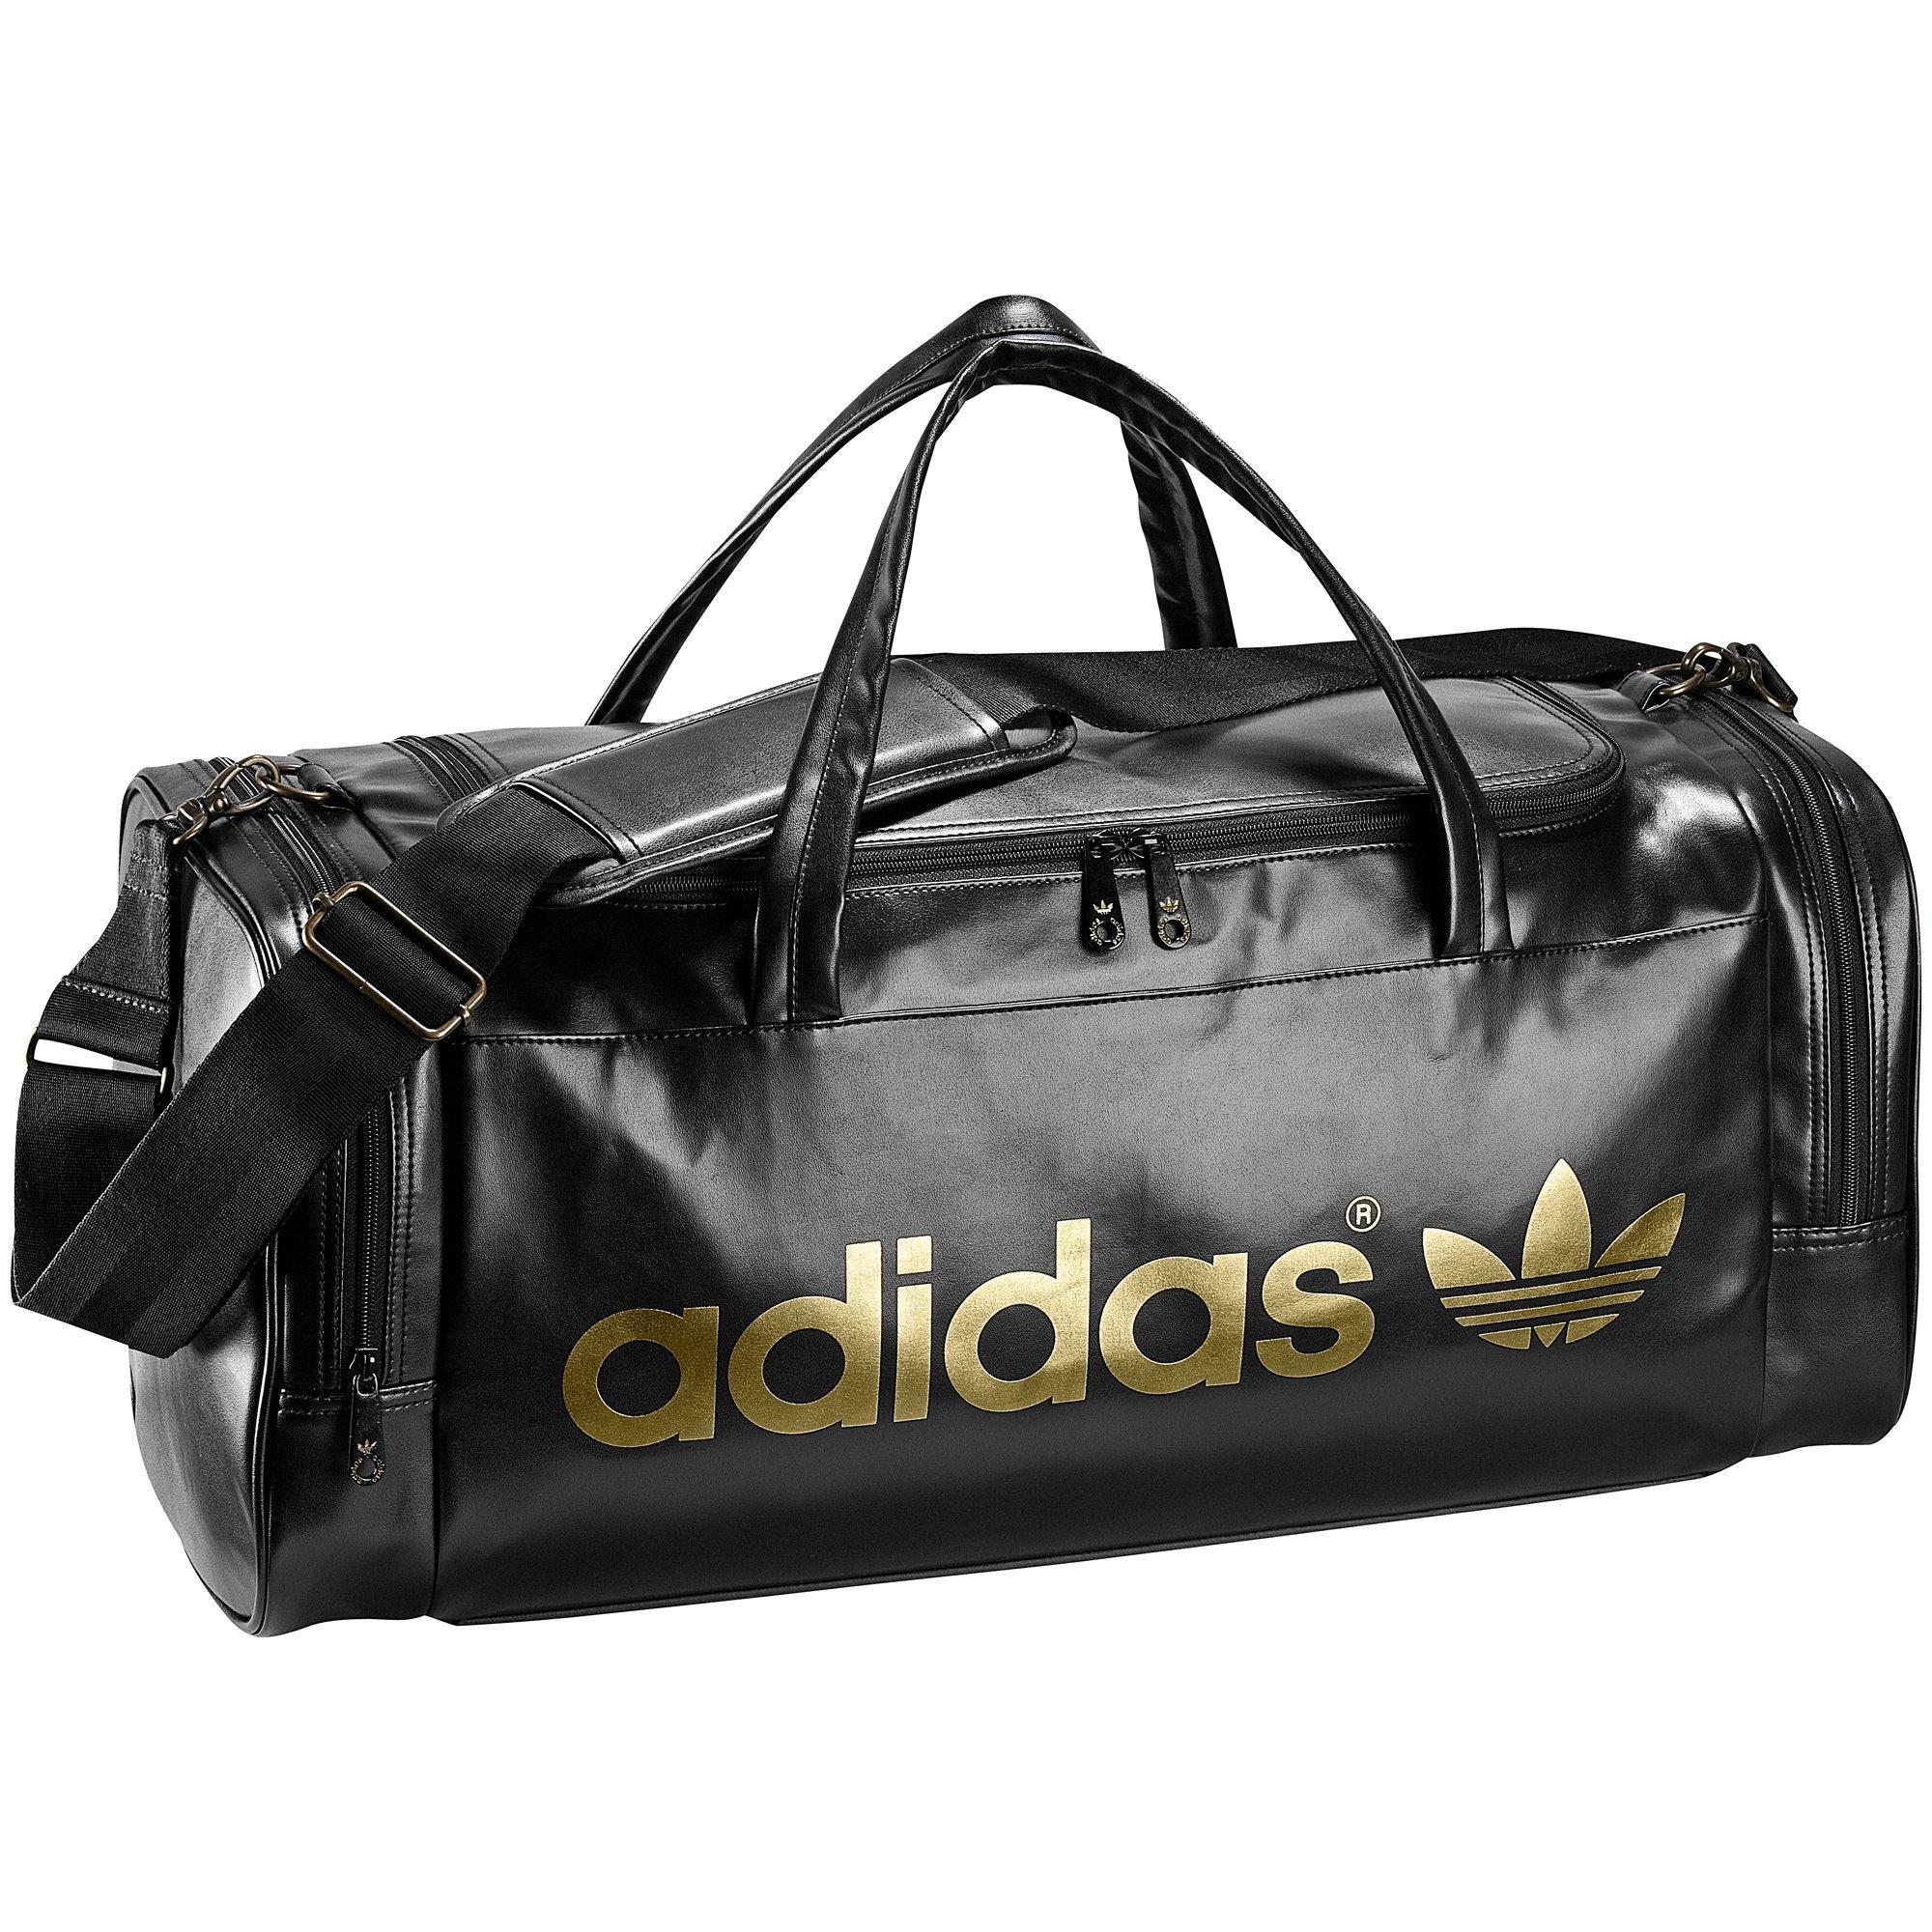 Peregrinación pelo diseño  bolsa deporte adidas hombre - Tienda Online de Zapatos, Ropa y Complementos  de marca